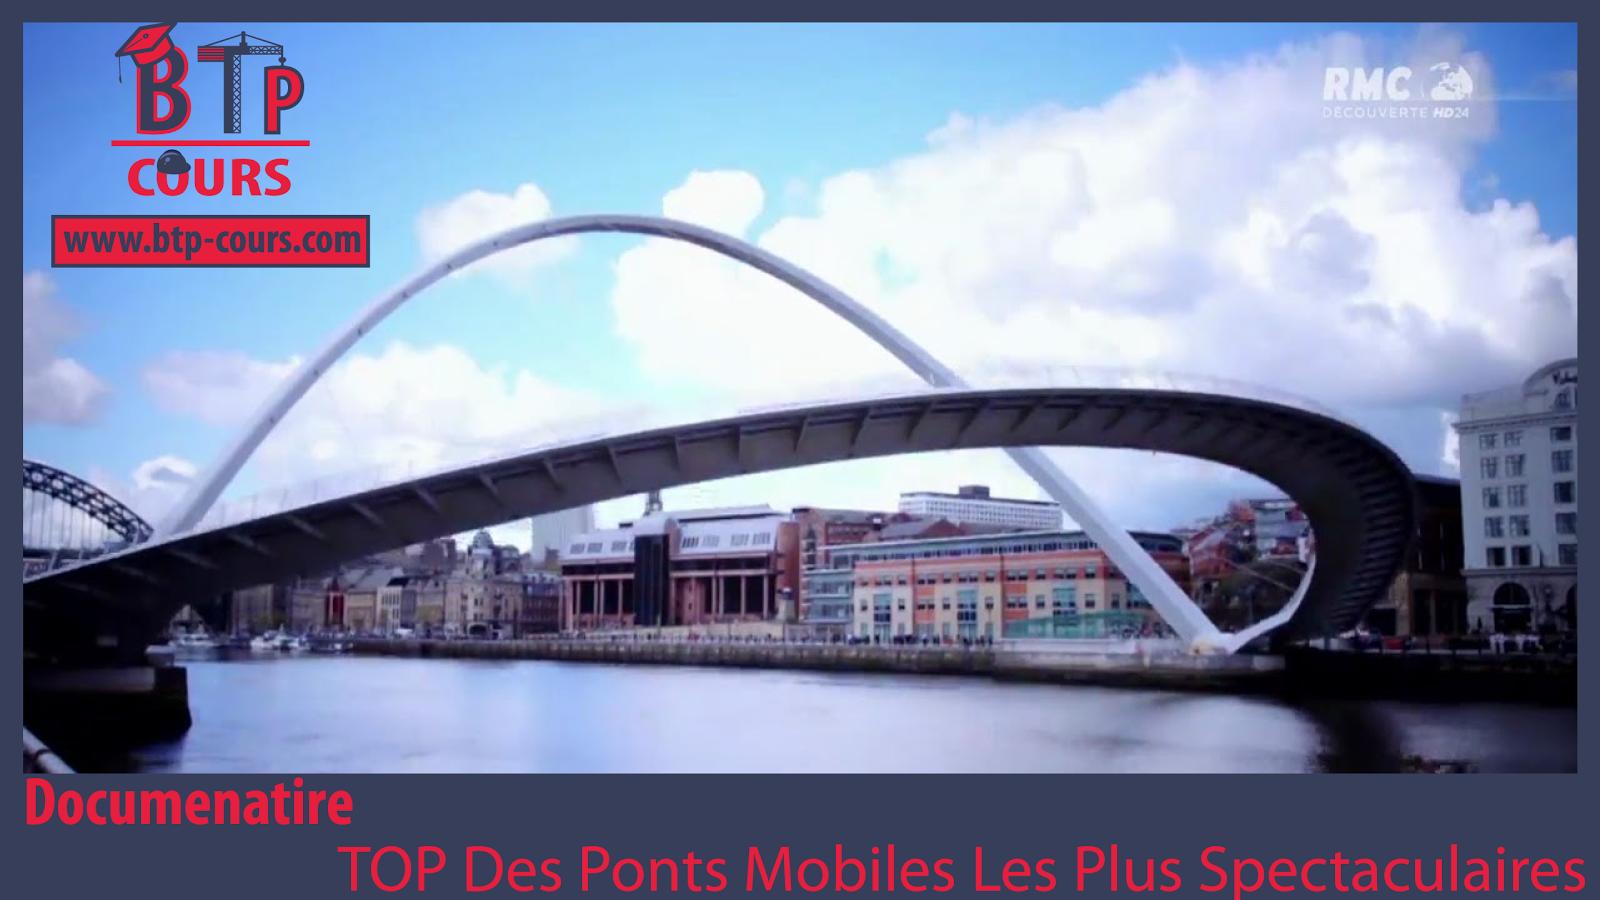 documentaire: top des ponts mobiles les plus spectaculaires - btp